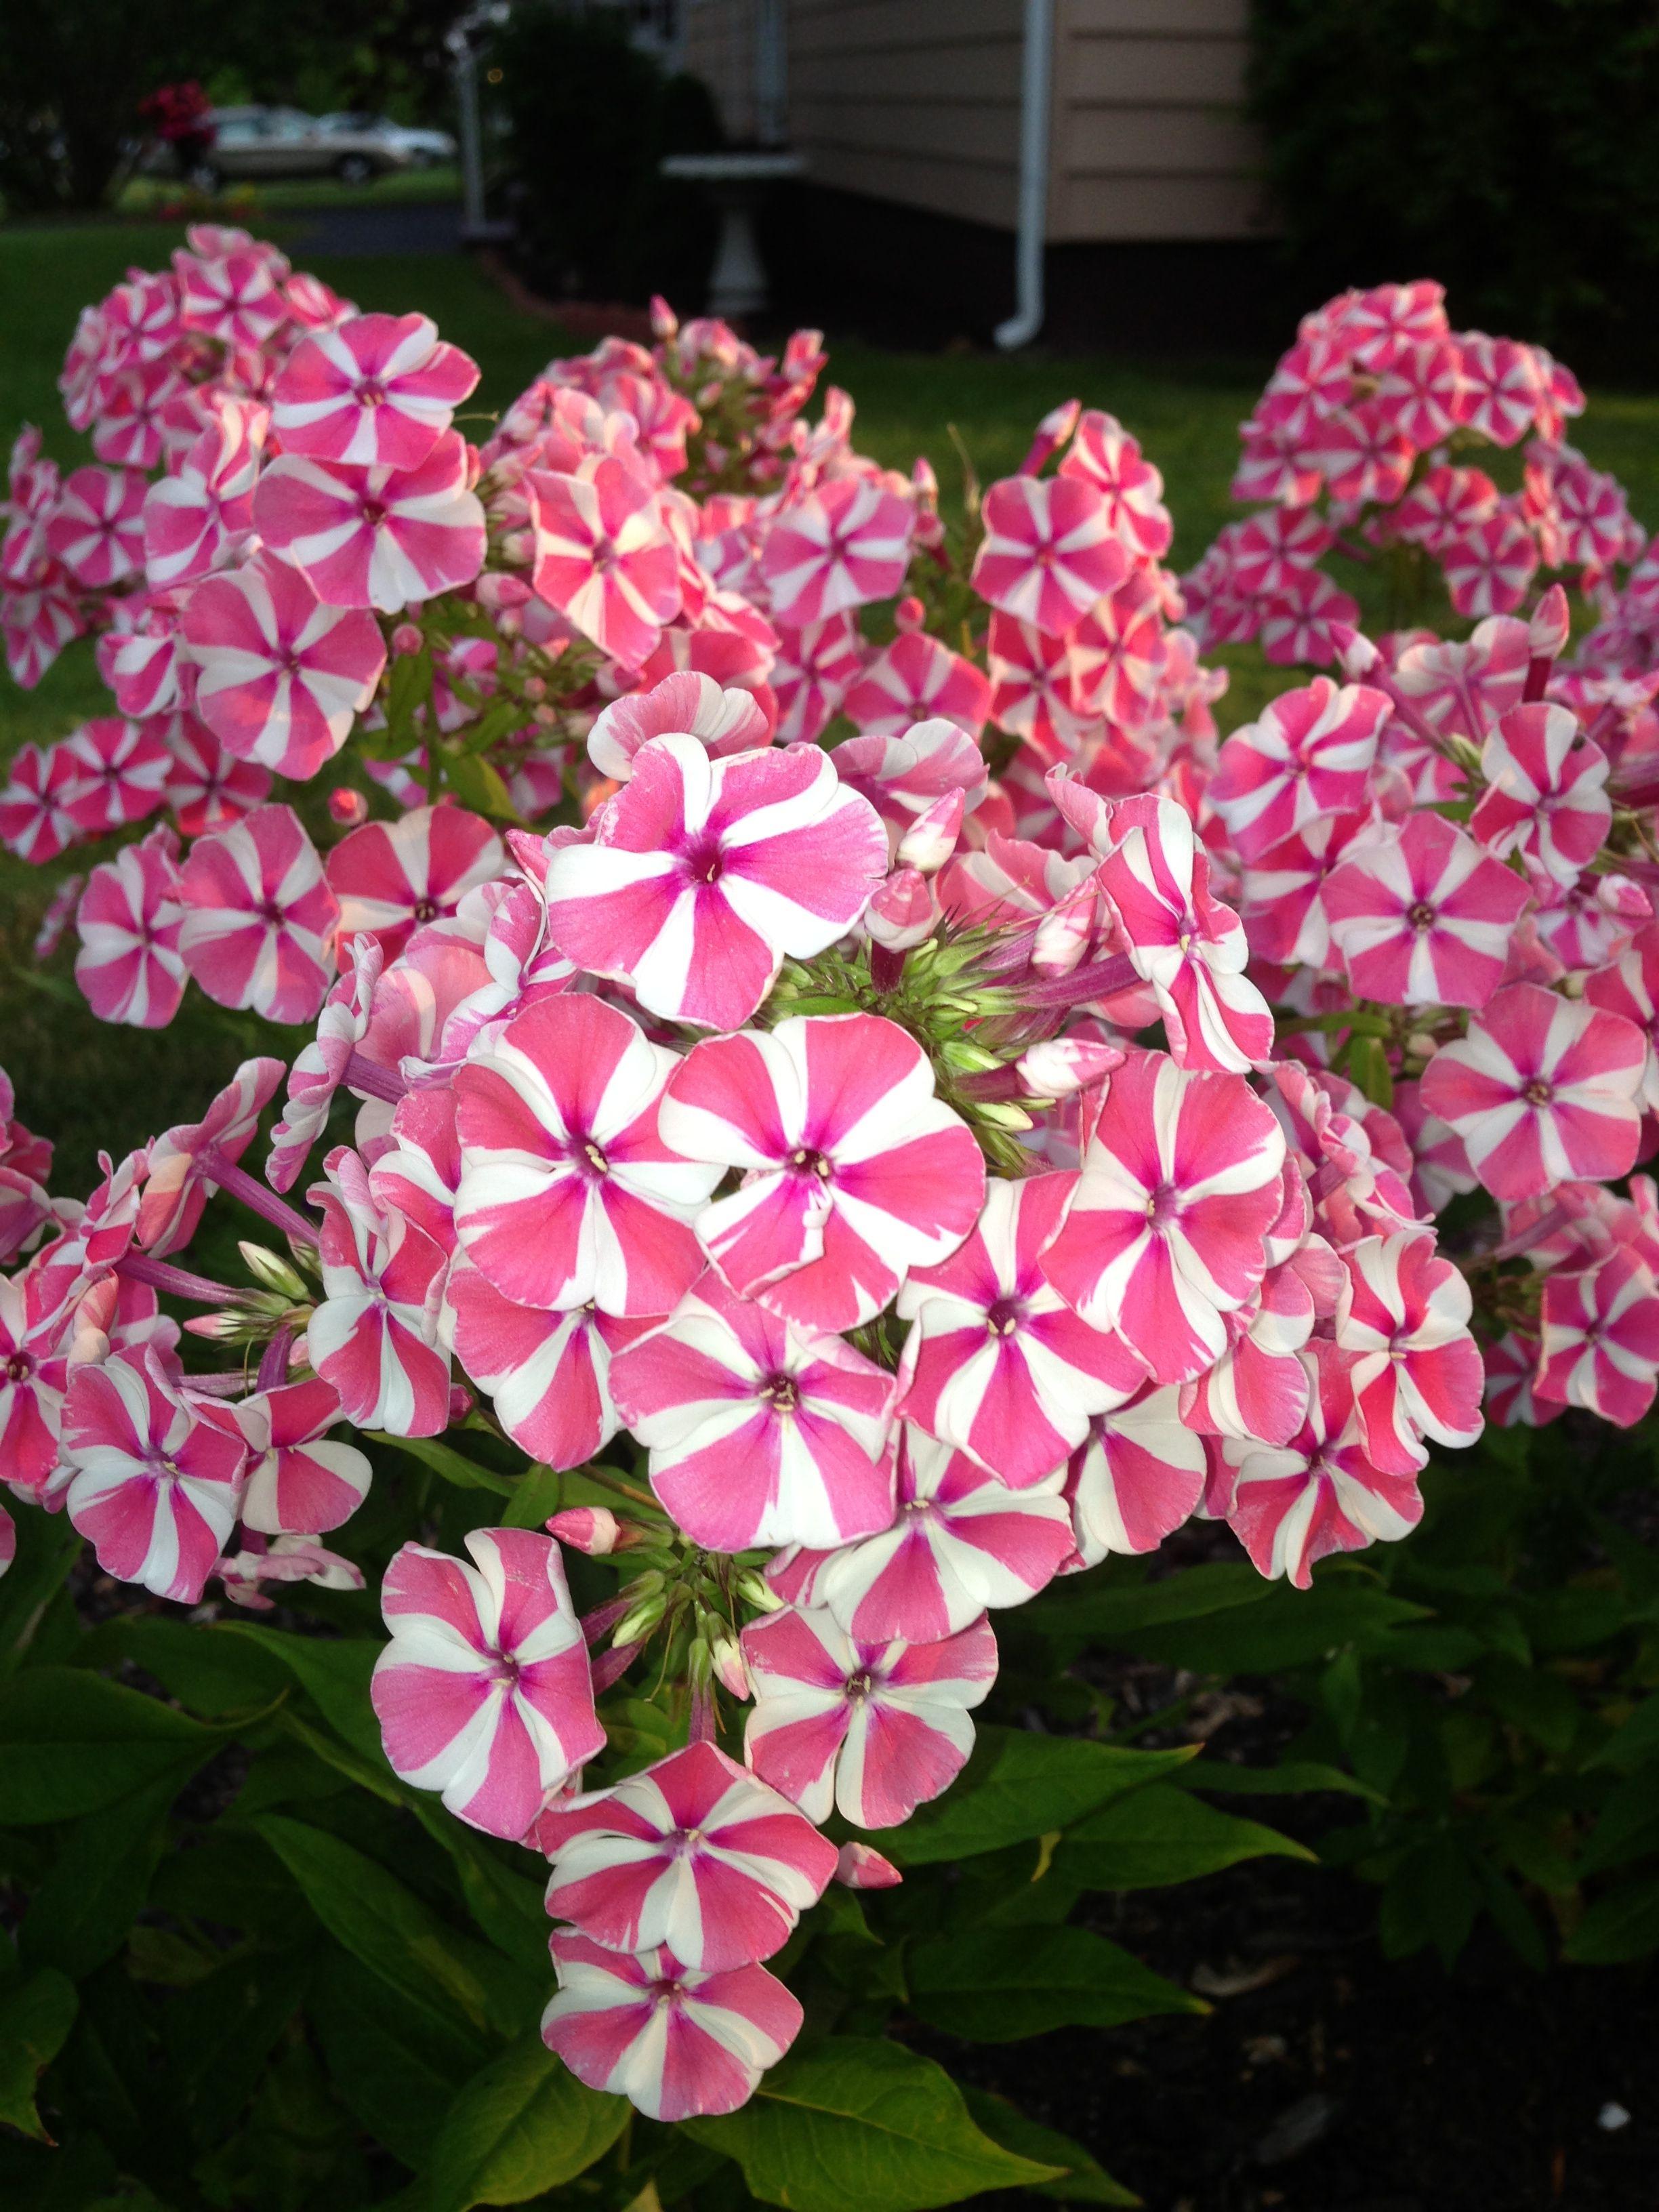 pinjennifer dillon on gardening | pinterest | flowers and gardens